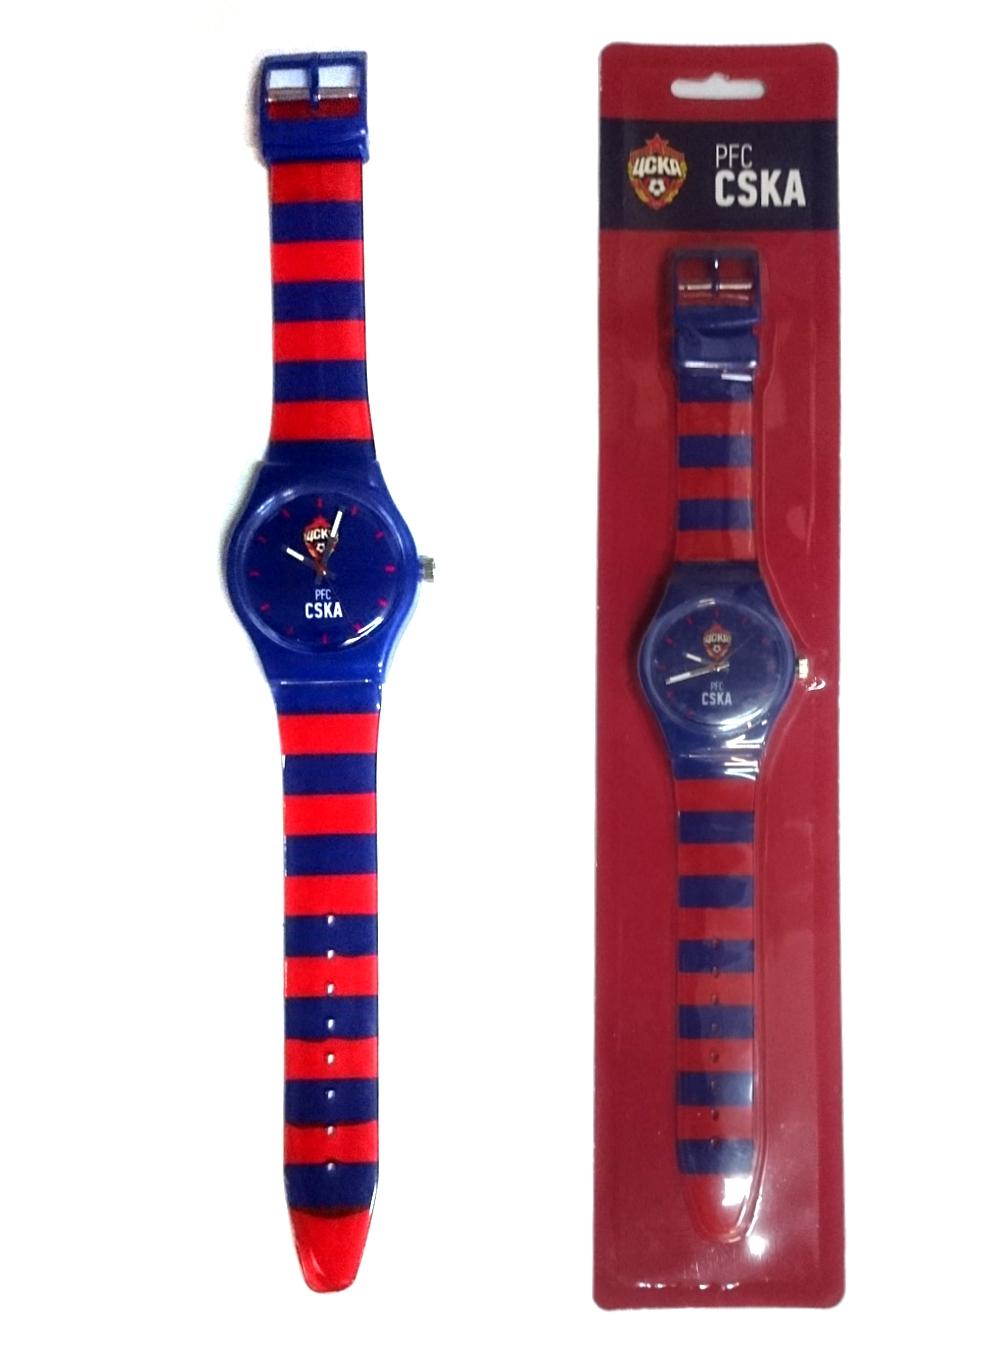 Часы наручные 33мм PFC CSKA, красно-синий ремешокЧасы<br>Часы наручные 33мм PFC CSKA, красно-синий ремешок<br>